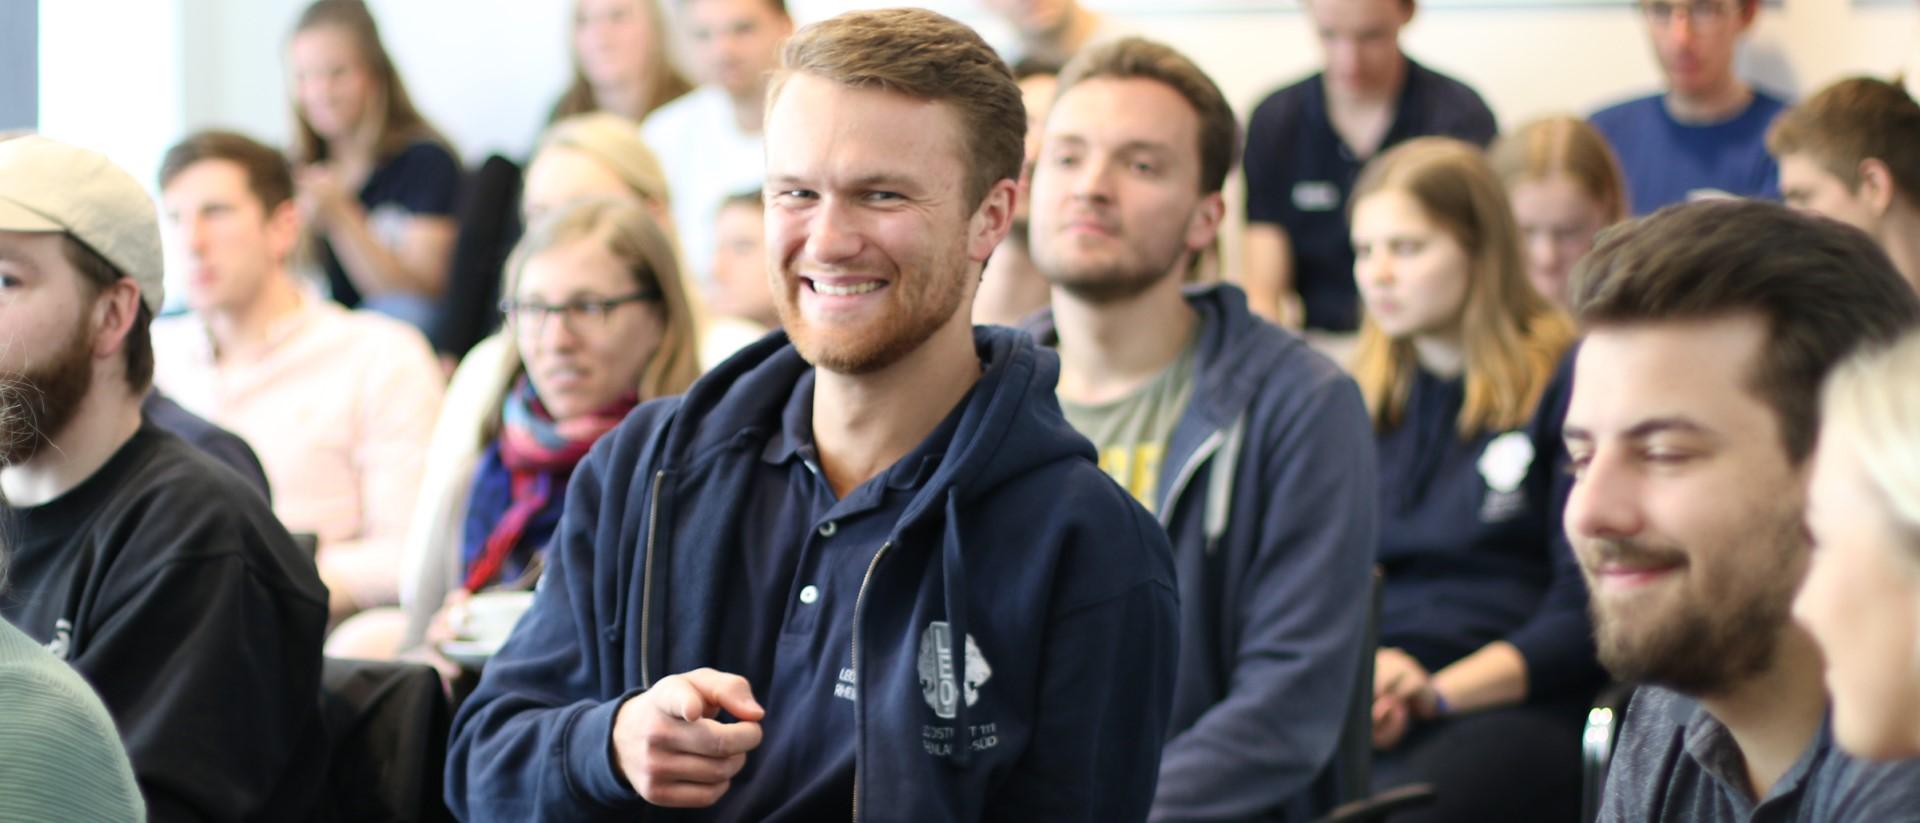 Leute beim Seminar